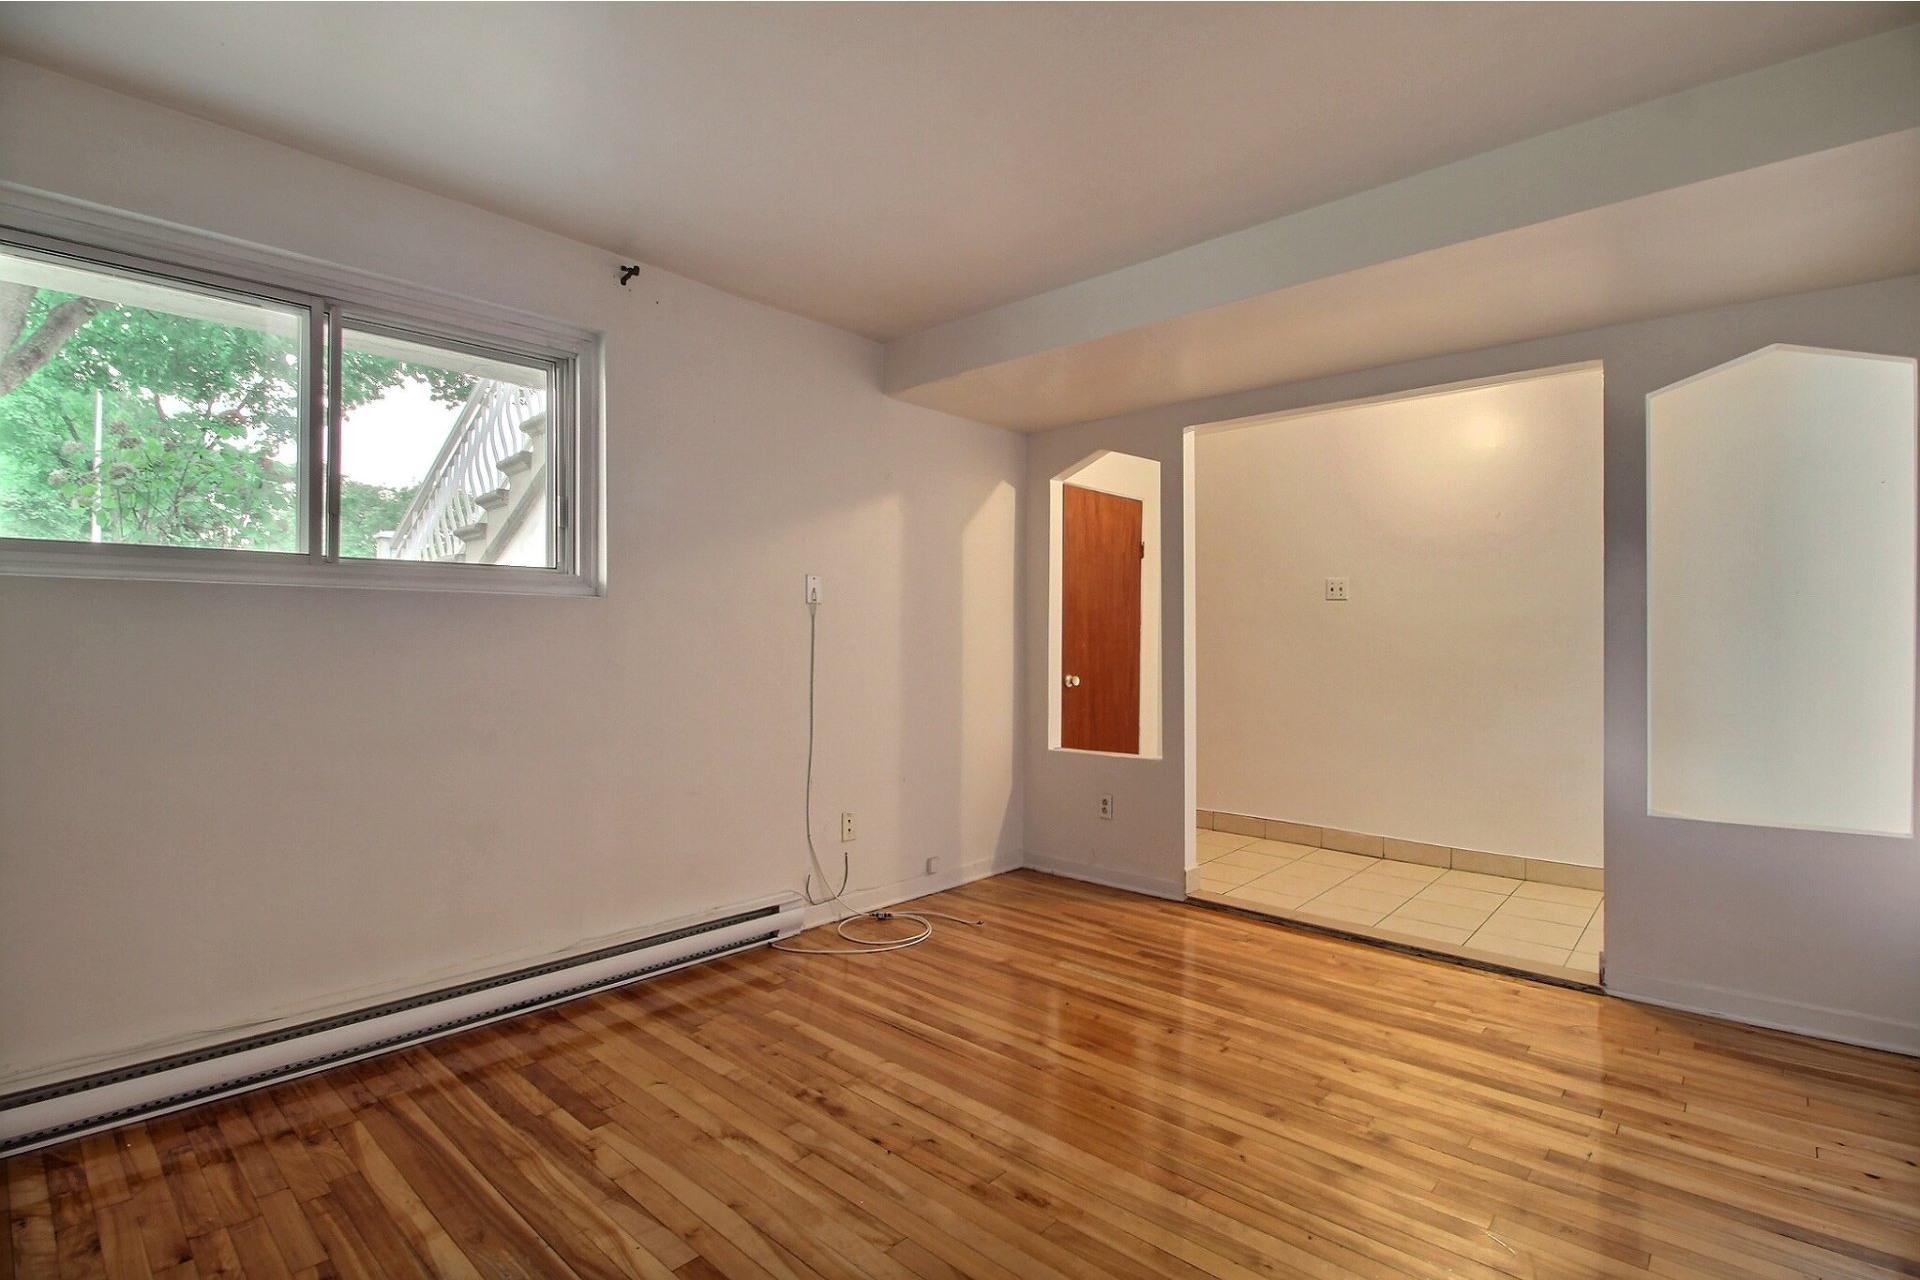 image 2 - Apartment For rent Saint-Léonard Montréal  - 4 rooms